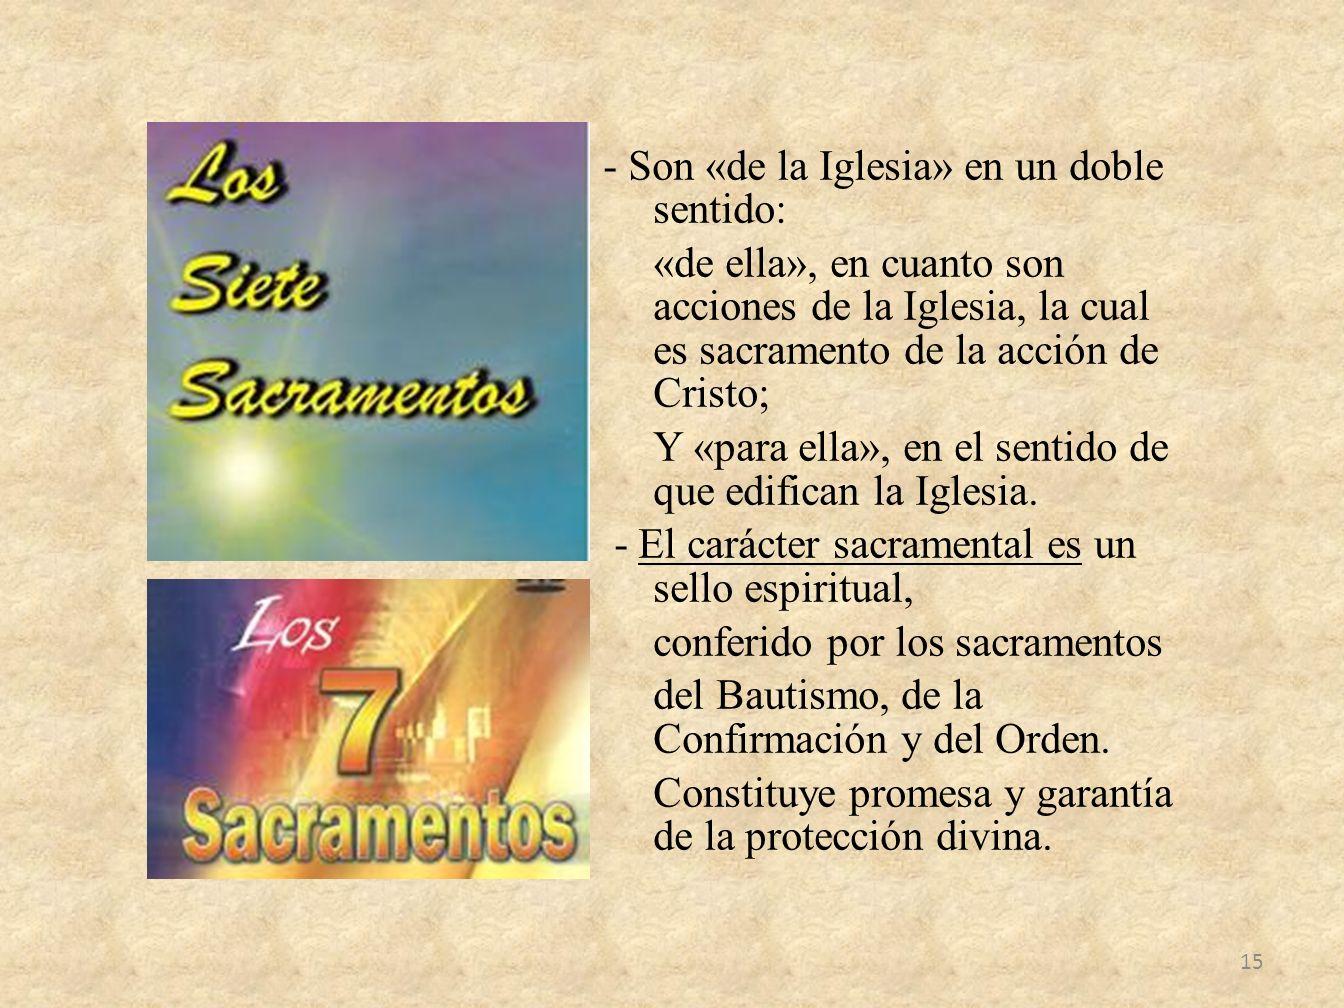 - Son «de la Iglesia» en un doble sentido: «de ella», en cuanto son acciones de la Iglesia, la cual es sacramento de la acción de Cristo; Y «para ella», en el sentido de que edifican la Iglesia.